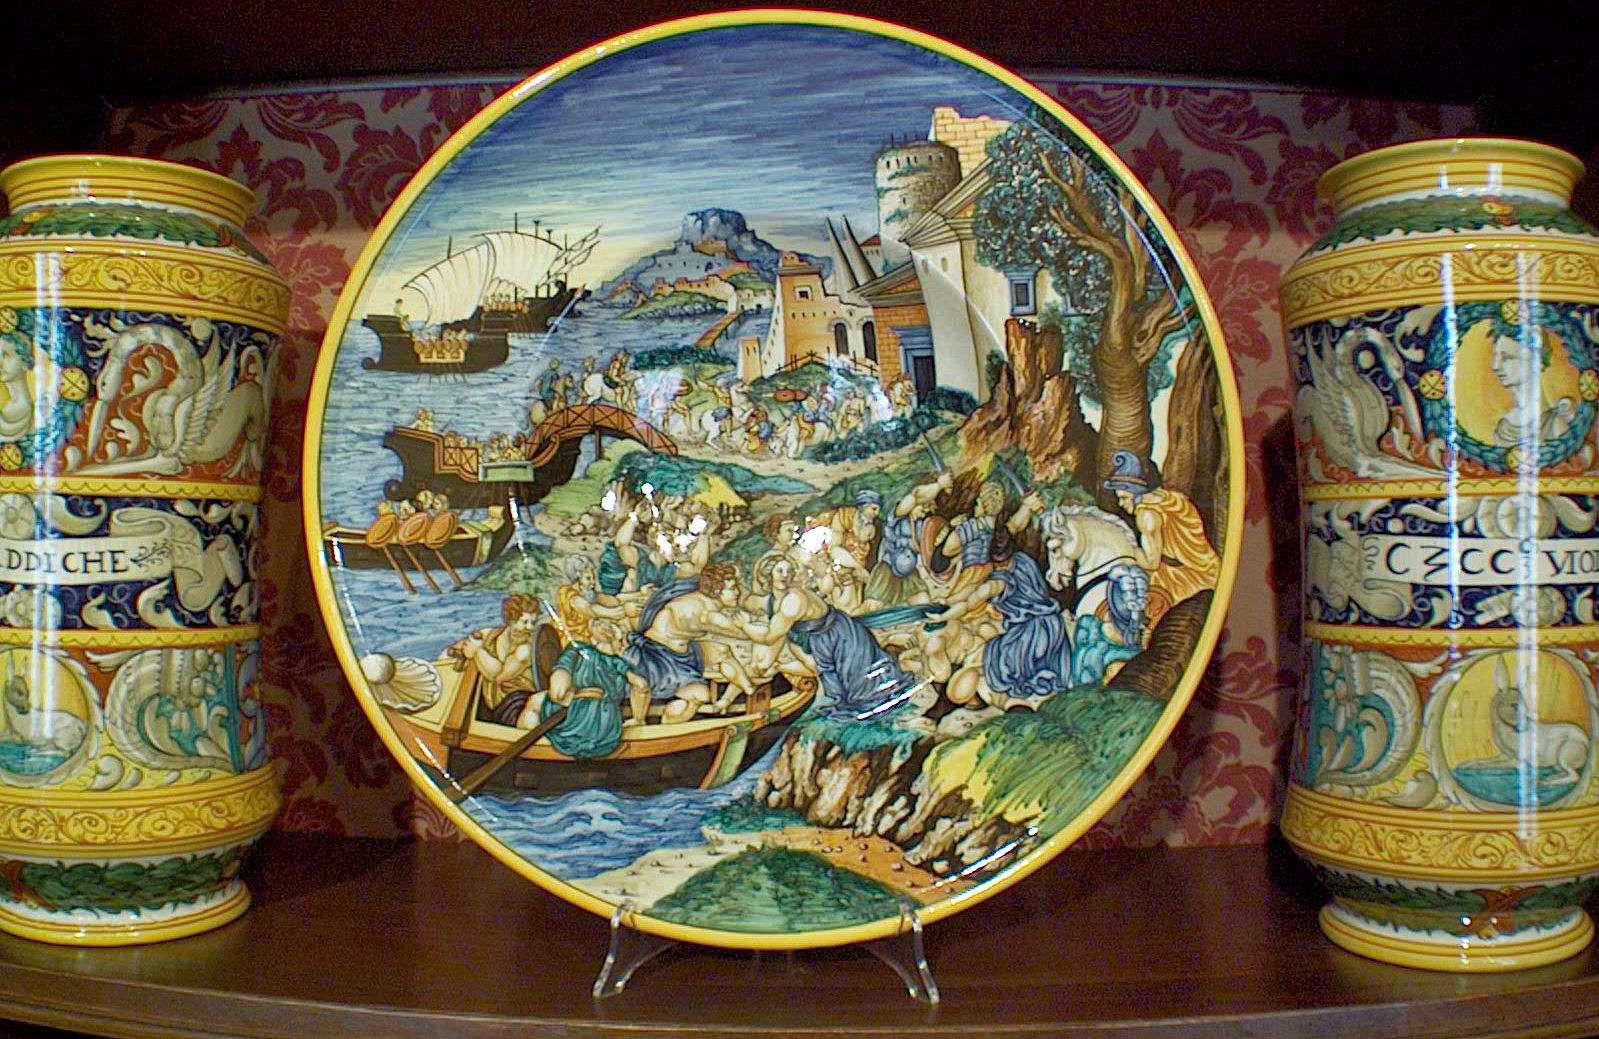 Pottery from Urbania